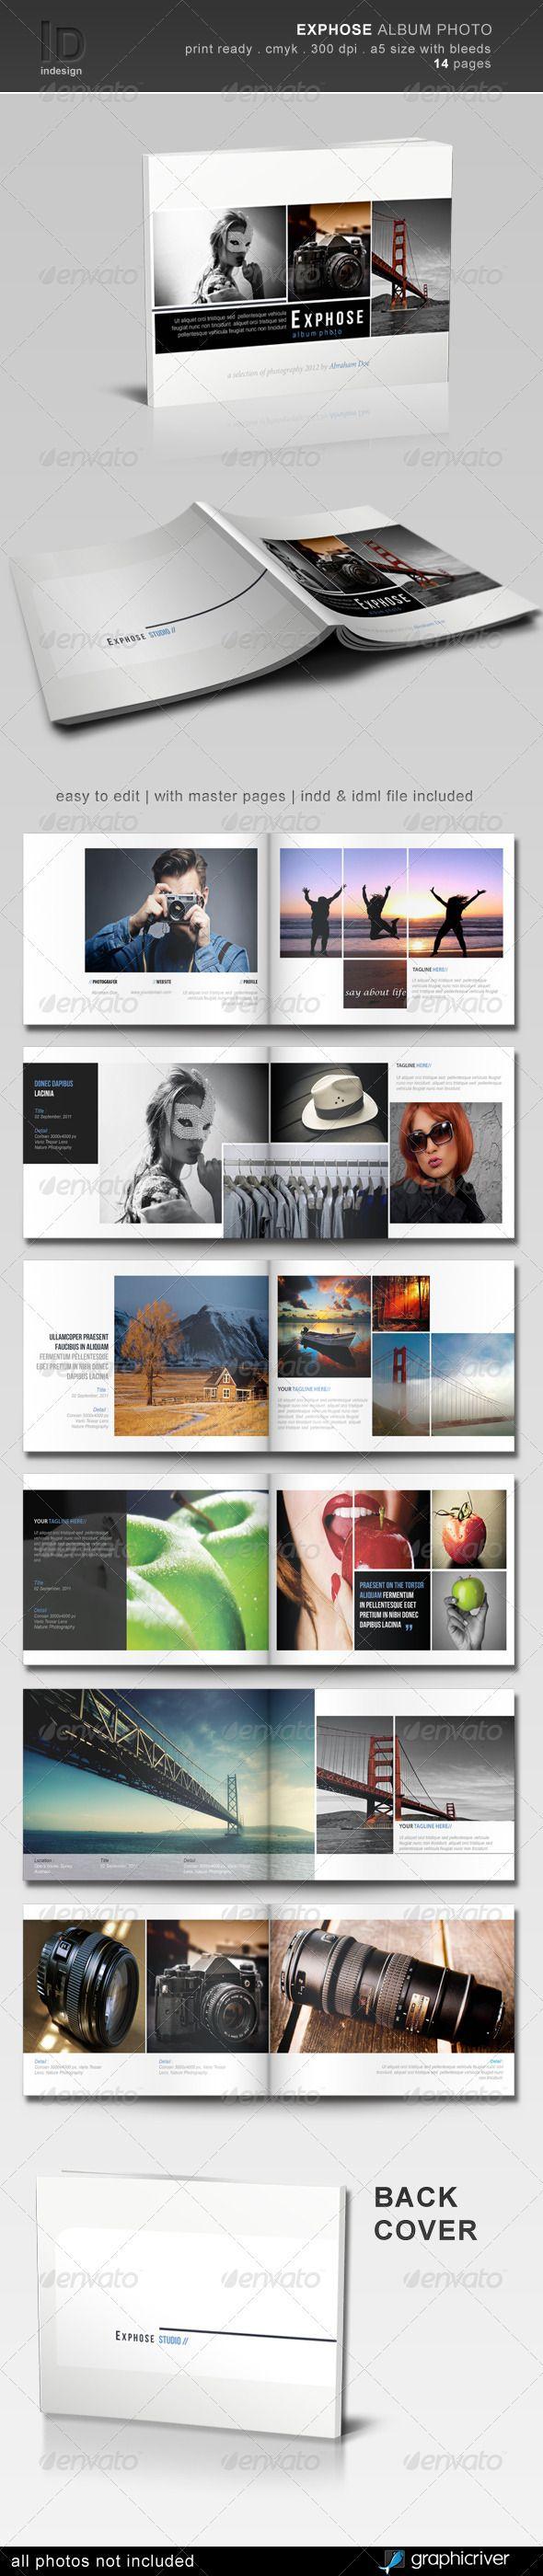 Exphose Album Photo - GraphicRiver Item for Sale